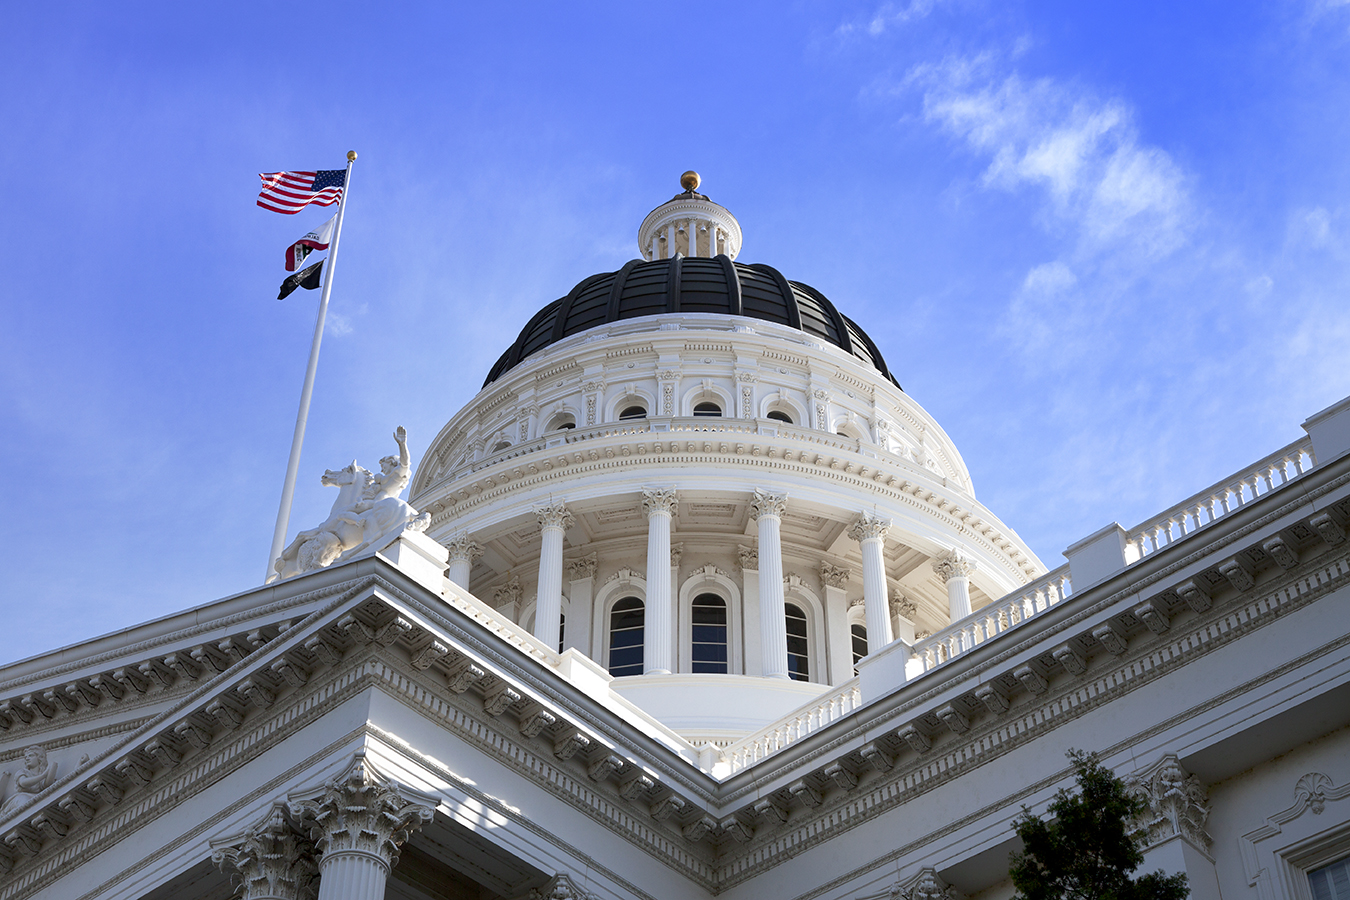 beispiellose-lobbyarbeit-erzielt-grosen-gewinn-fur-das-kalifornische-offentliche-gesundheitswesen-2